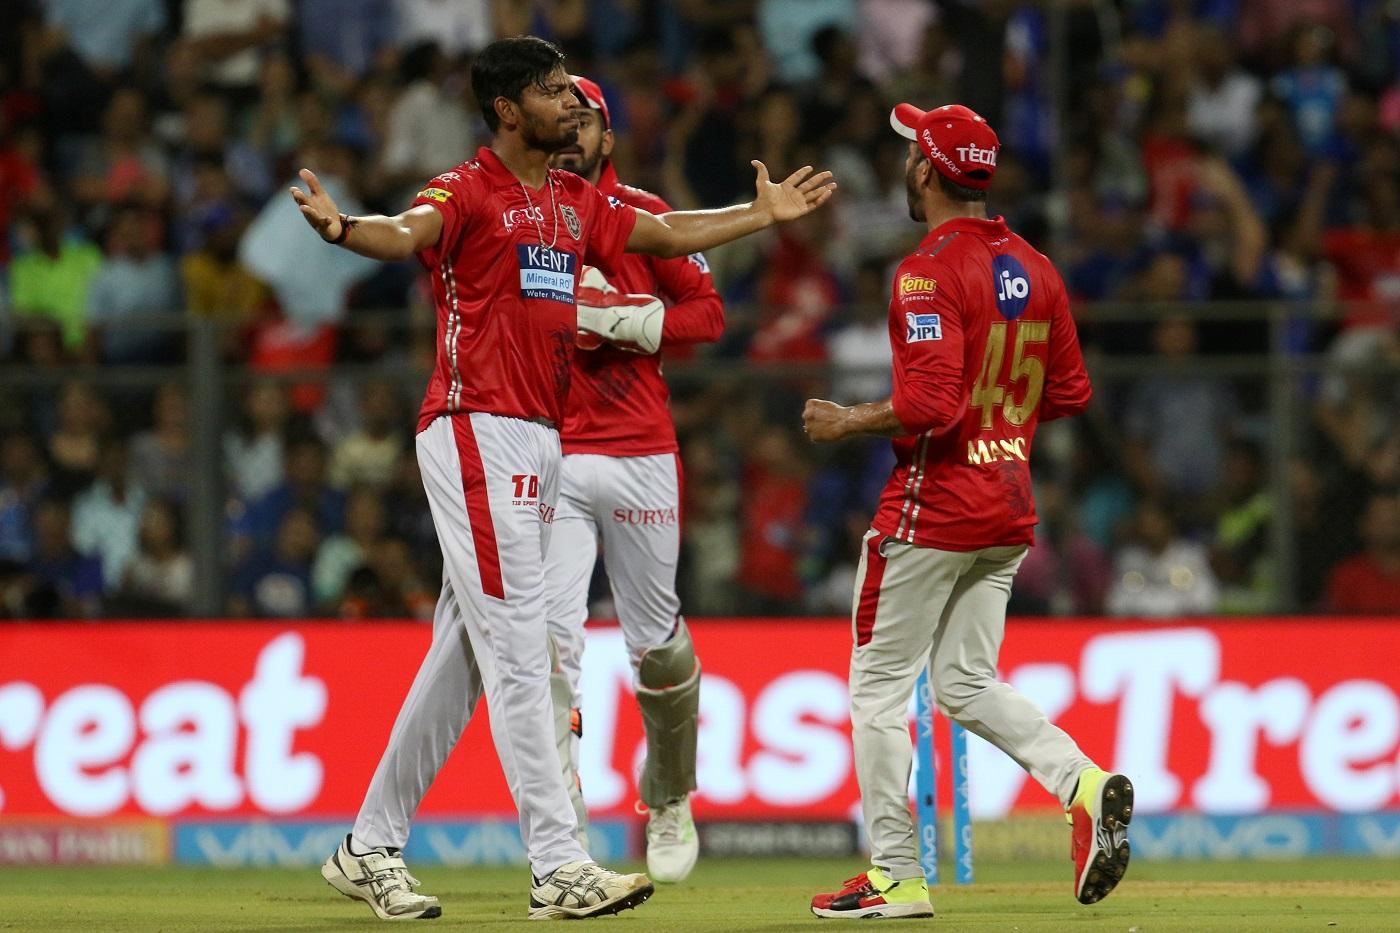 IPL: Sridharan Sriram Replaces Venkatesh Prasad At Kings XI Punjab 2